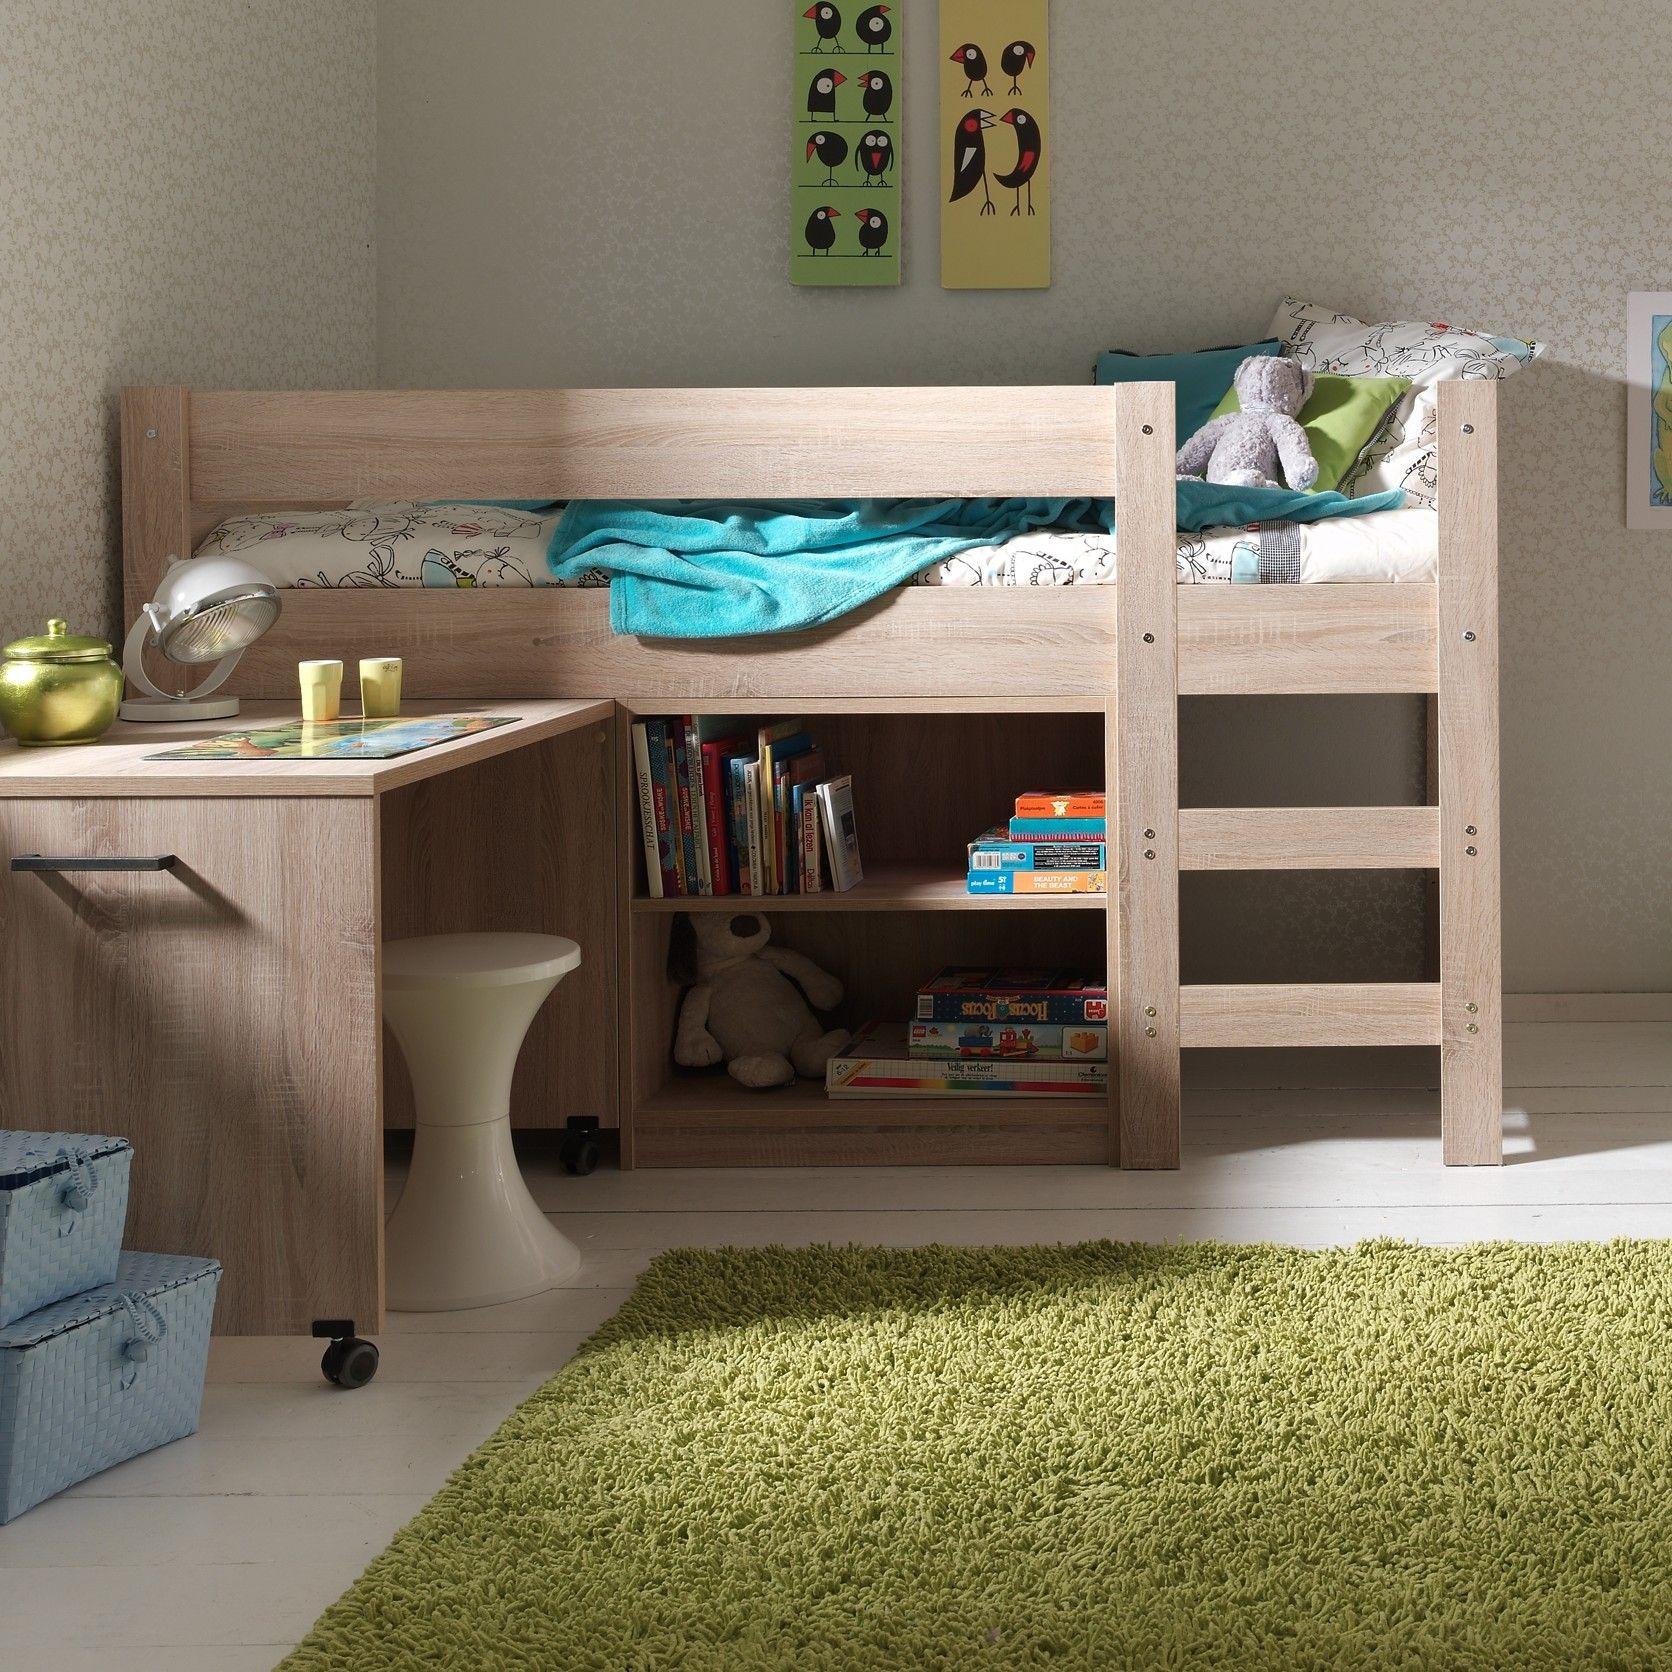 Home etc aline single mid sleeper bunk bed u reviews wayfair uk